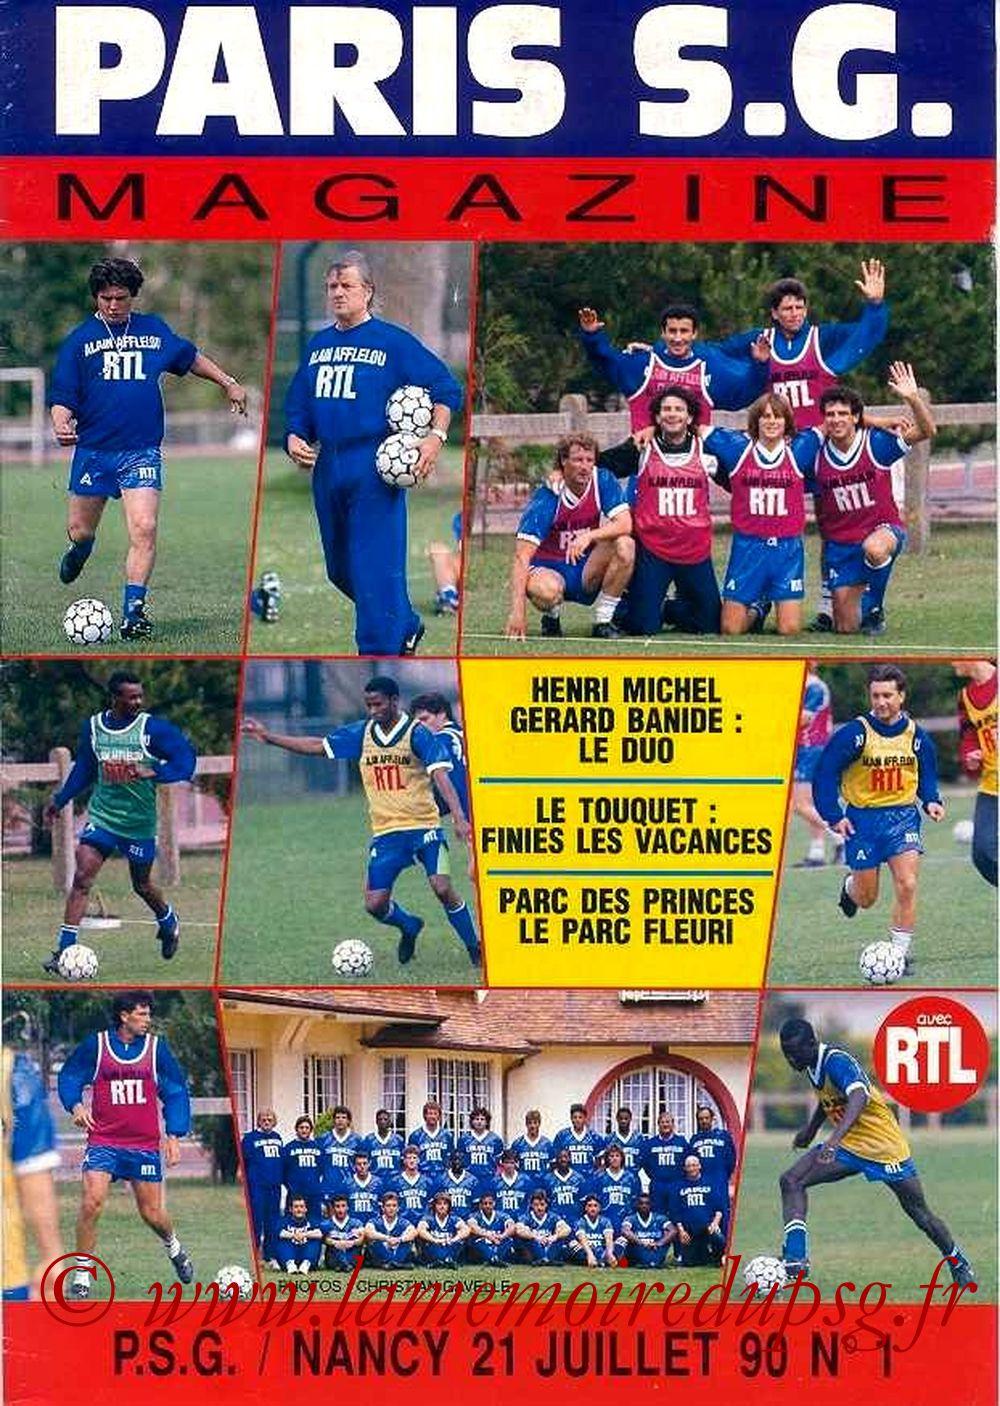 1990-07-21  PSG-Nancy (1ère D1, Paris SG Magazine N°1)